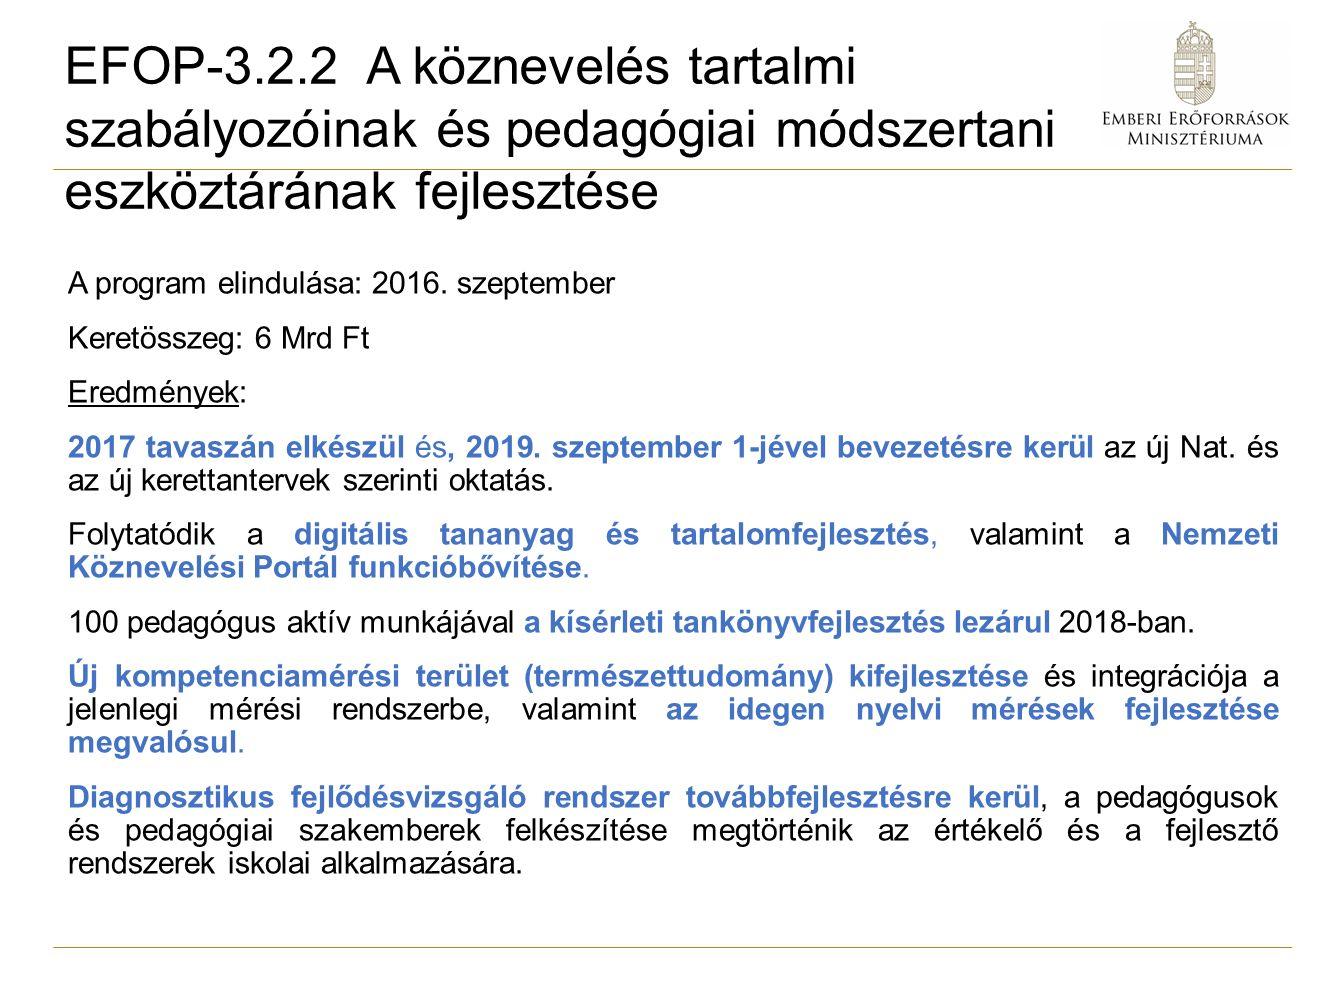 A program elindulása: 2016. szeptember Keretösszeg: 6 Mrd Ft Eredmények: 2017 tavaszán elkészül és, 2019. szeptember 1-jével bevezetésre kerül az új N